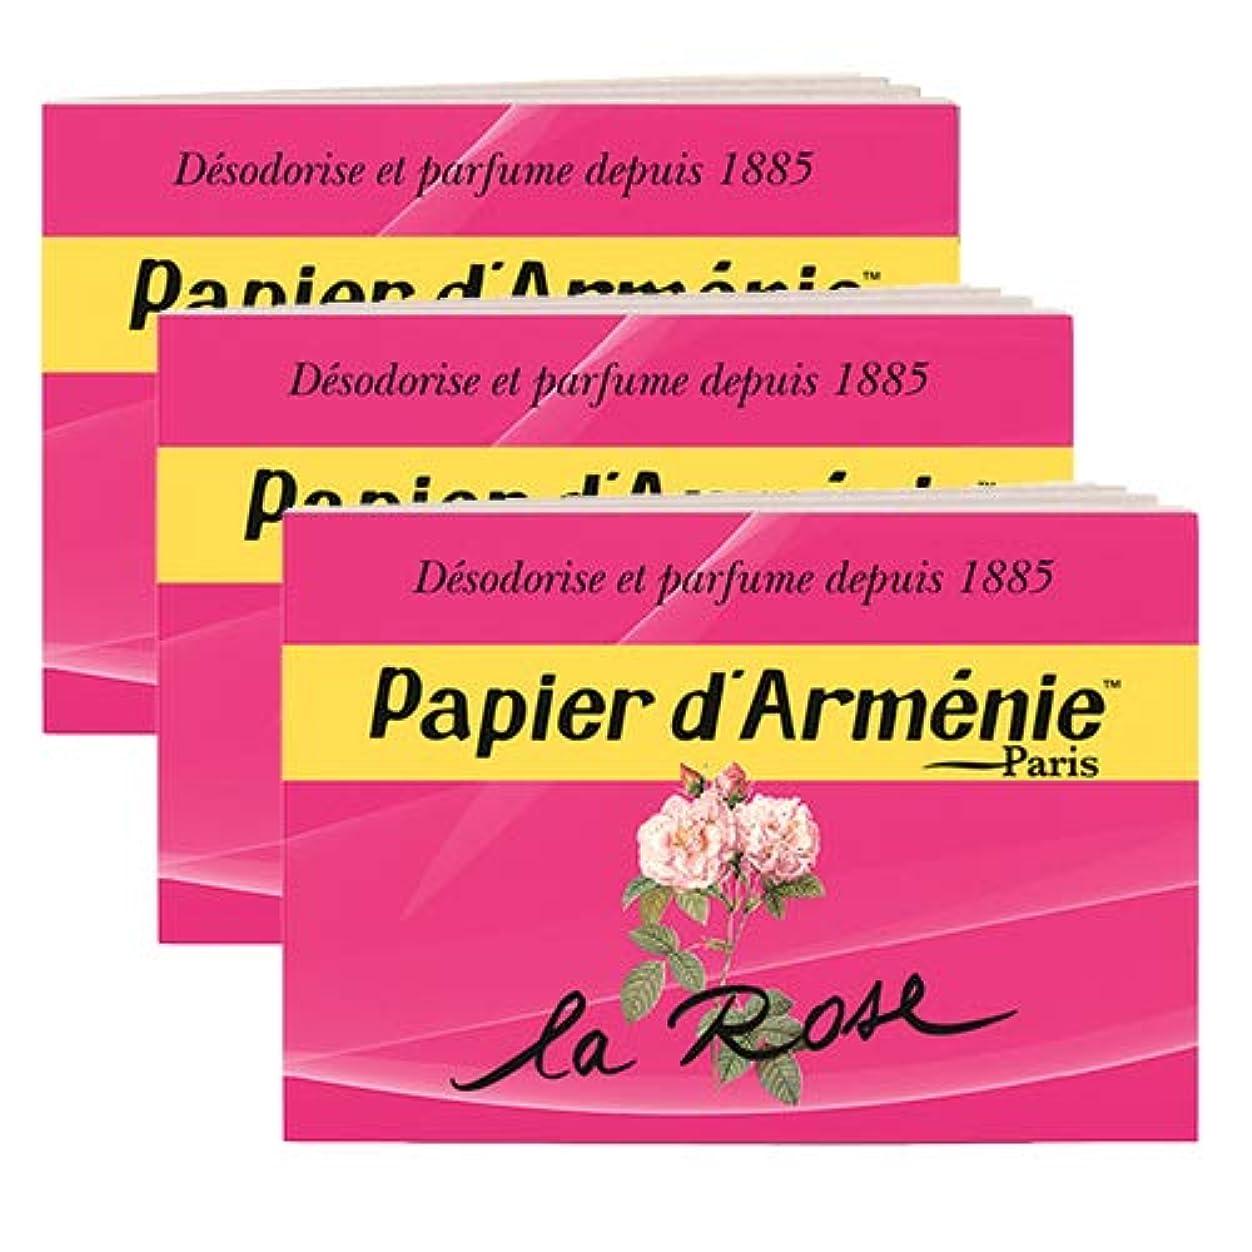 【パピエダルメニイ】トリプル 3×12枚(36回分) 3個セット ローズ 紙のお香 インセンス アロマペーパー PAPIER D'ARMENIE [並行輸入品]